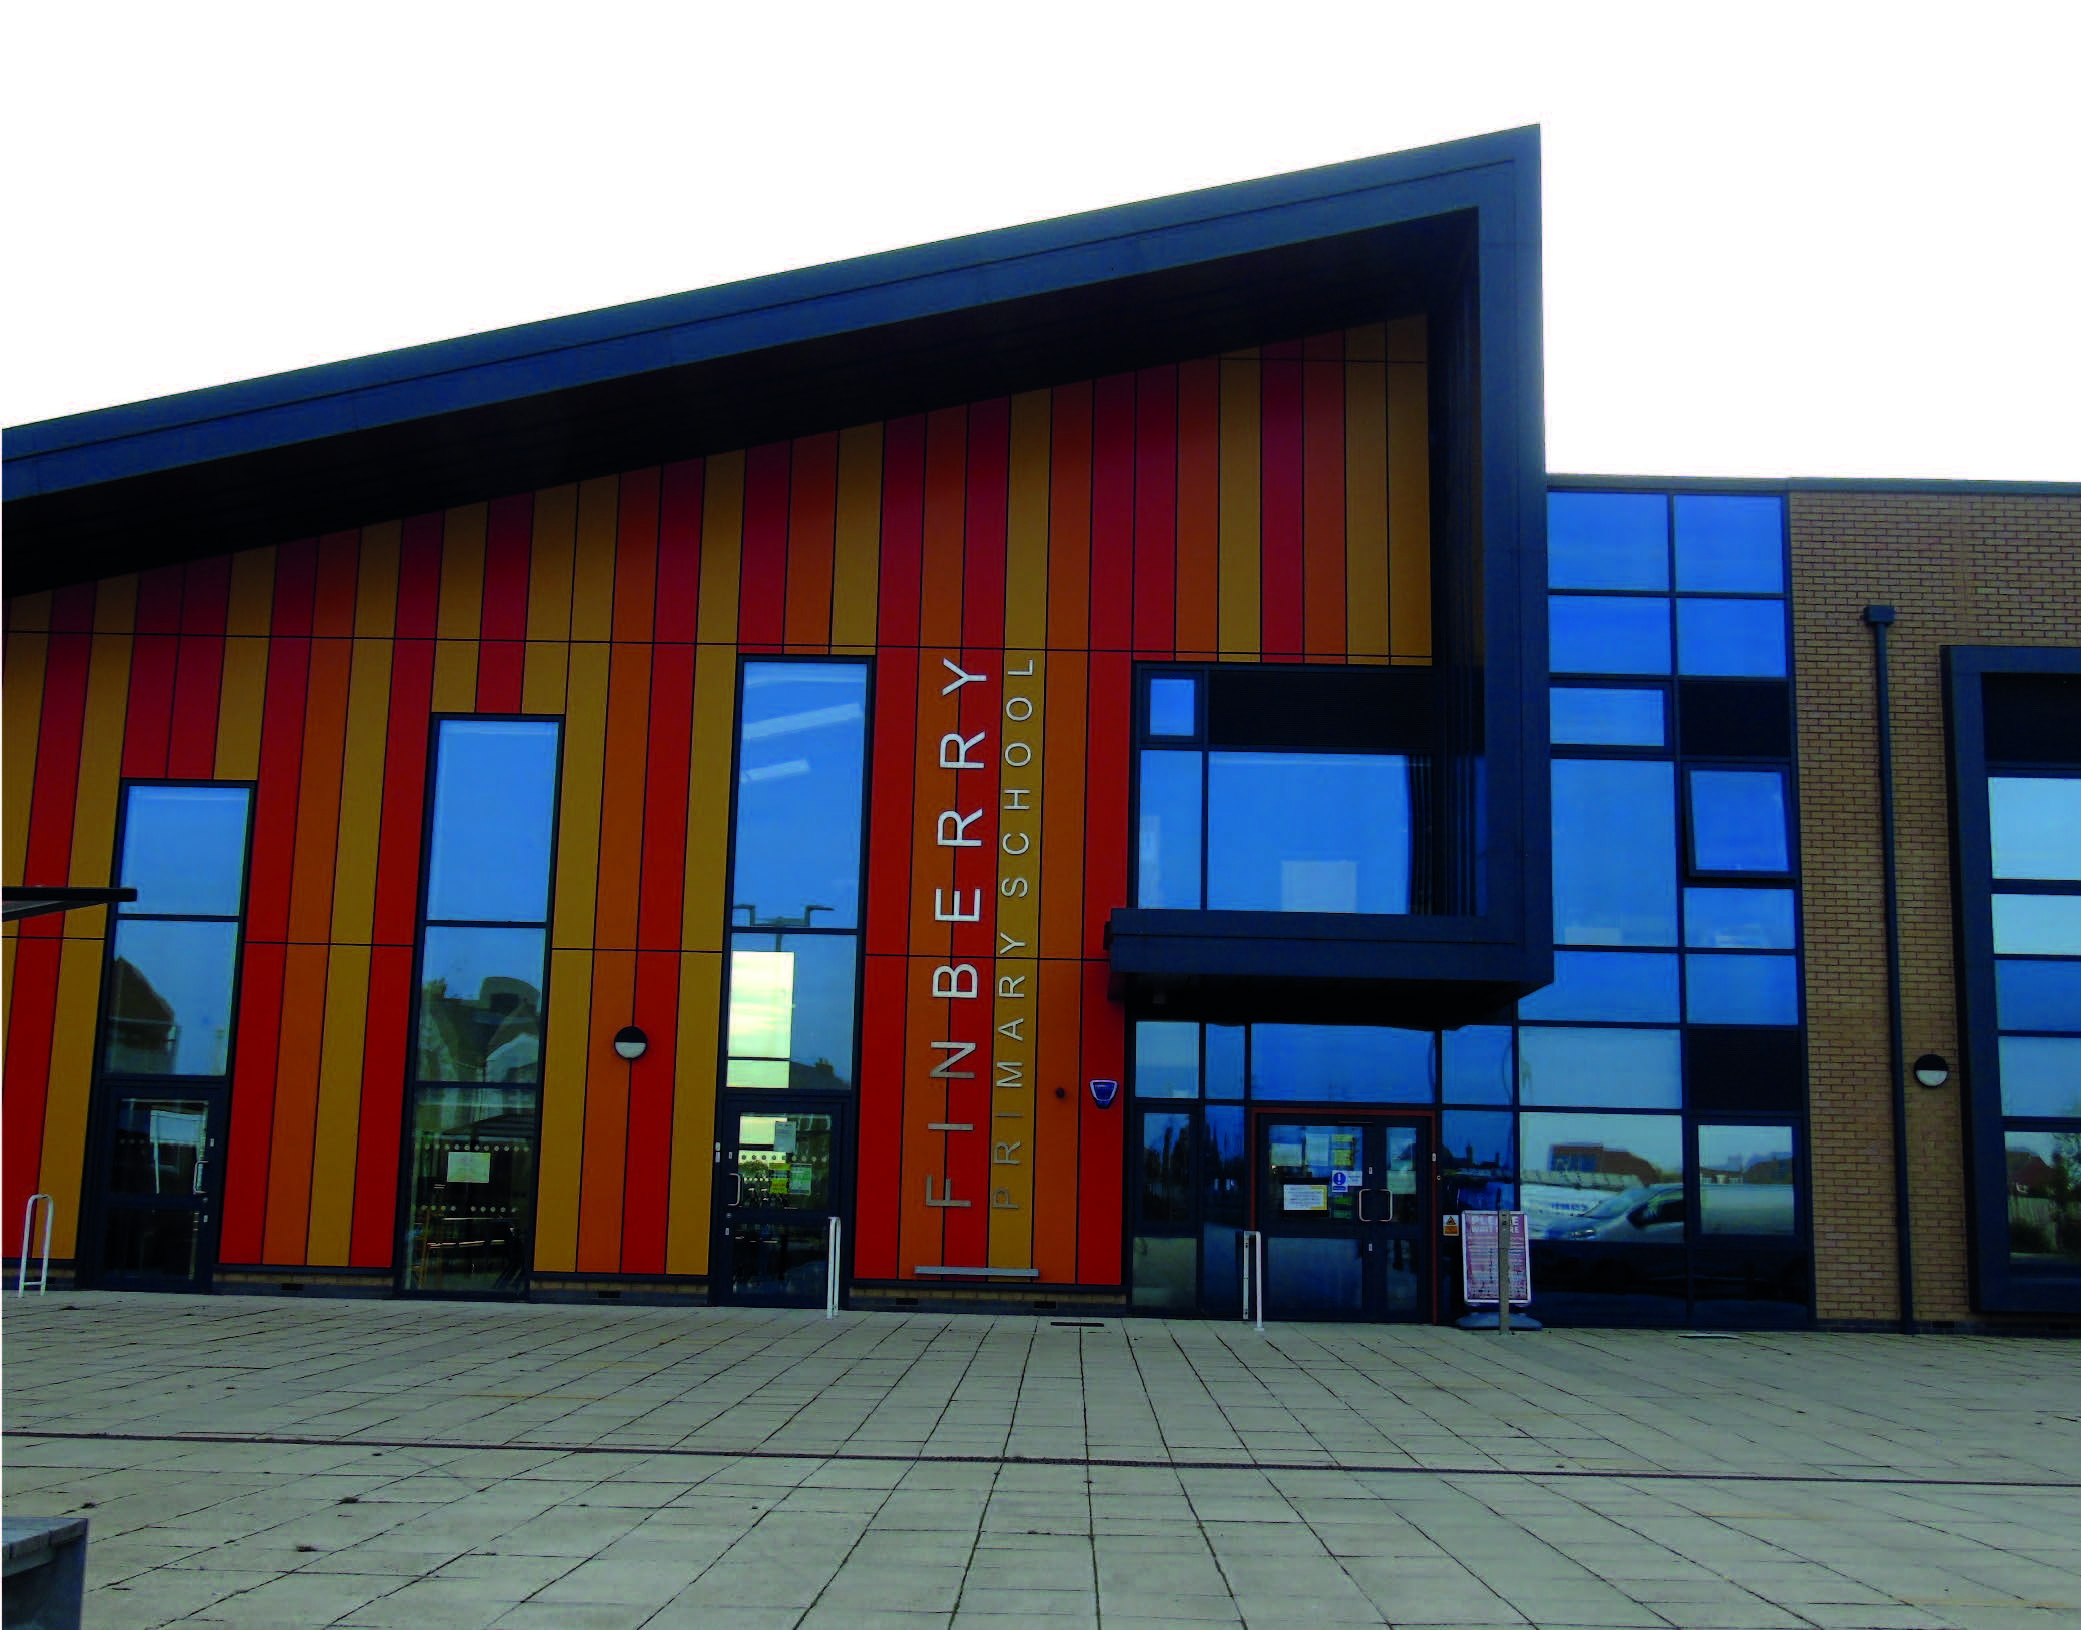 Finberry Primary School